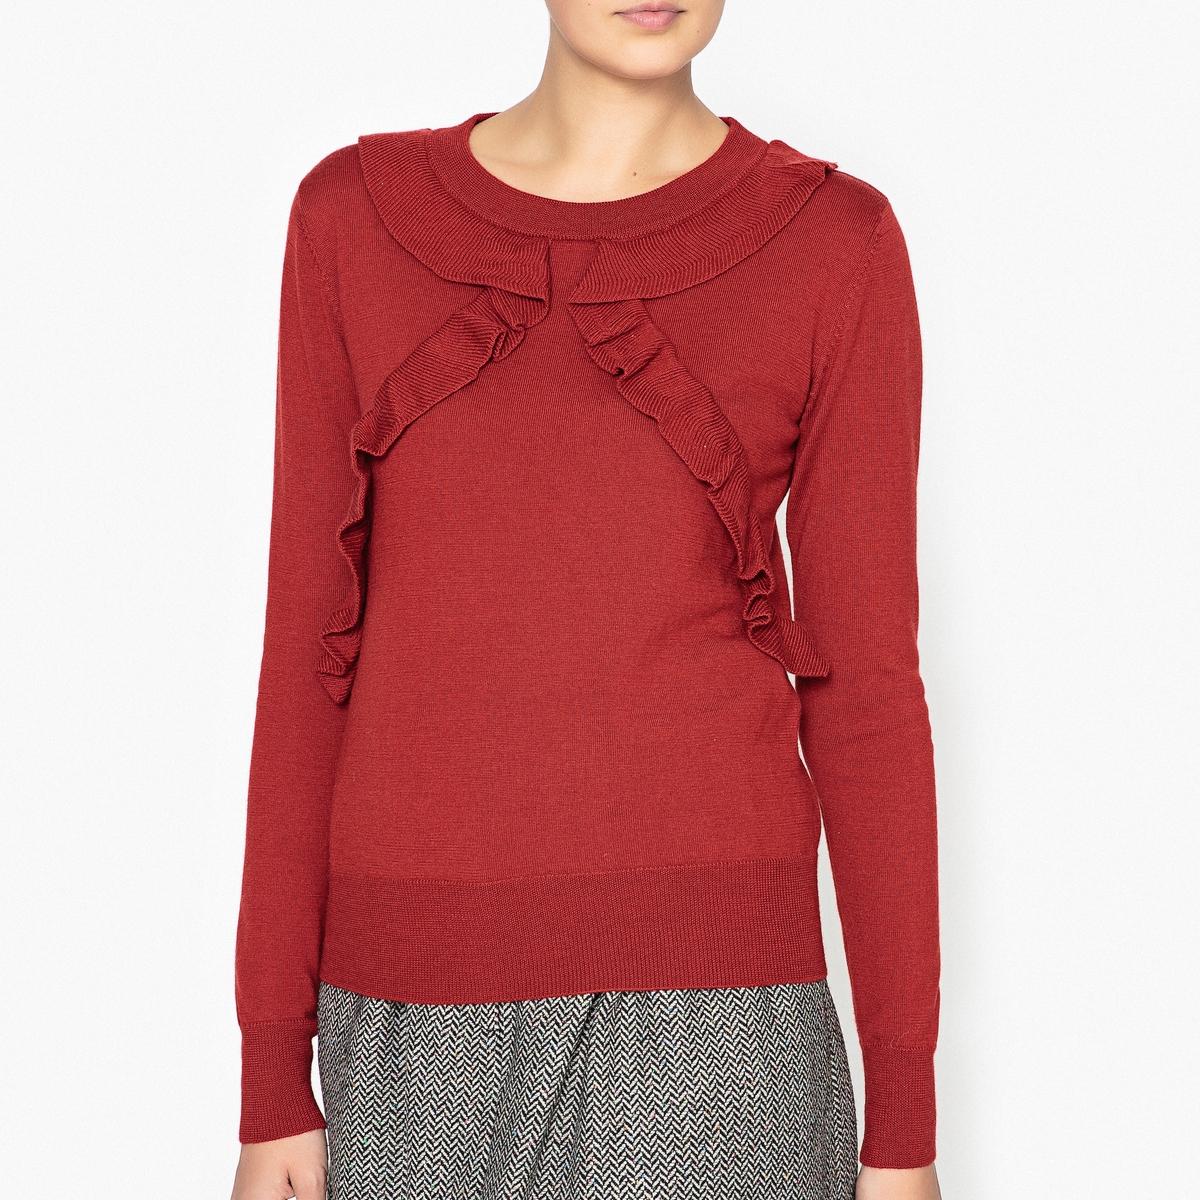 Пуловер шерстяной с воланами BARRIDAОписание:Пуловер SESSUN - модель BARRIDA из 100% шерсти с воланами с каждой стороны на груди.Детали  •  Длинные рукава  •  Круглый вырез •  Тонкий трикотаж Состав и уход  •  100% шерсти •  Следуйте советам по уходу, указанным на этикетке   •  Края низа и манжеты связаны в рубчик<br><br>Цвет: красный<br>Размер: L